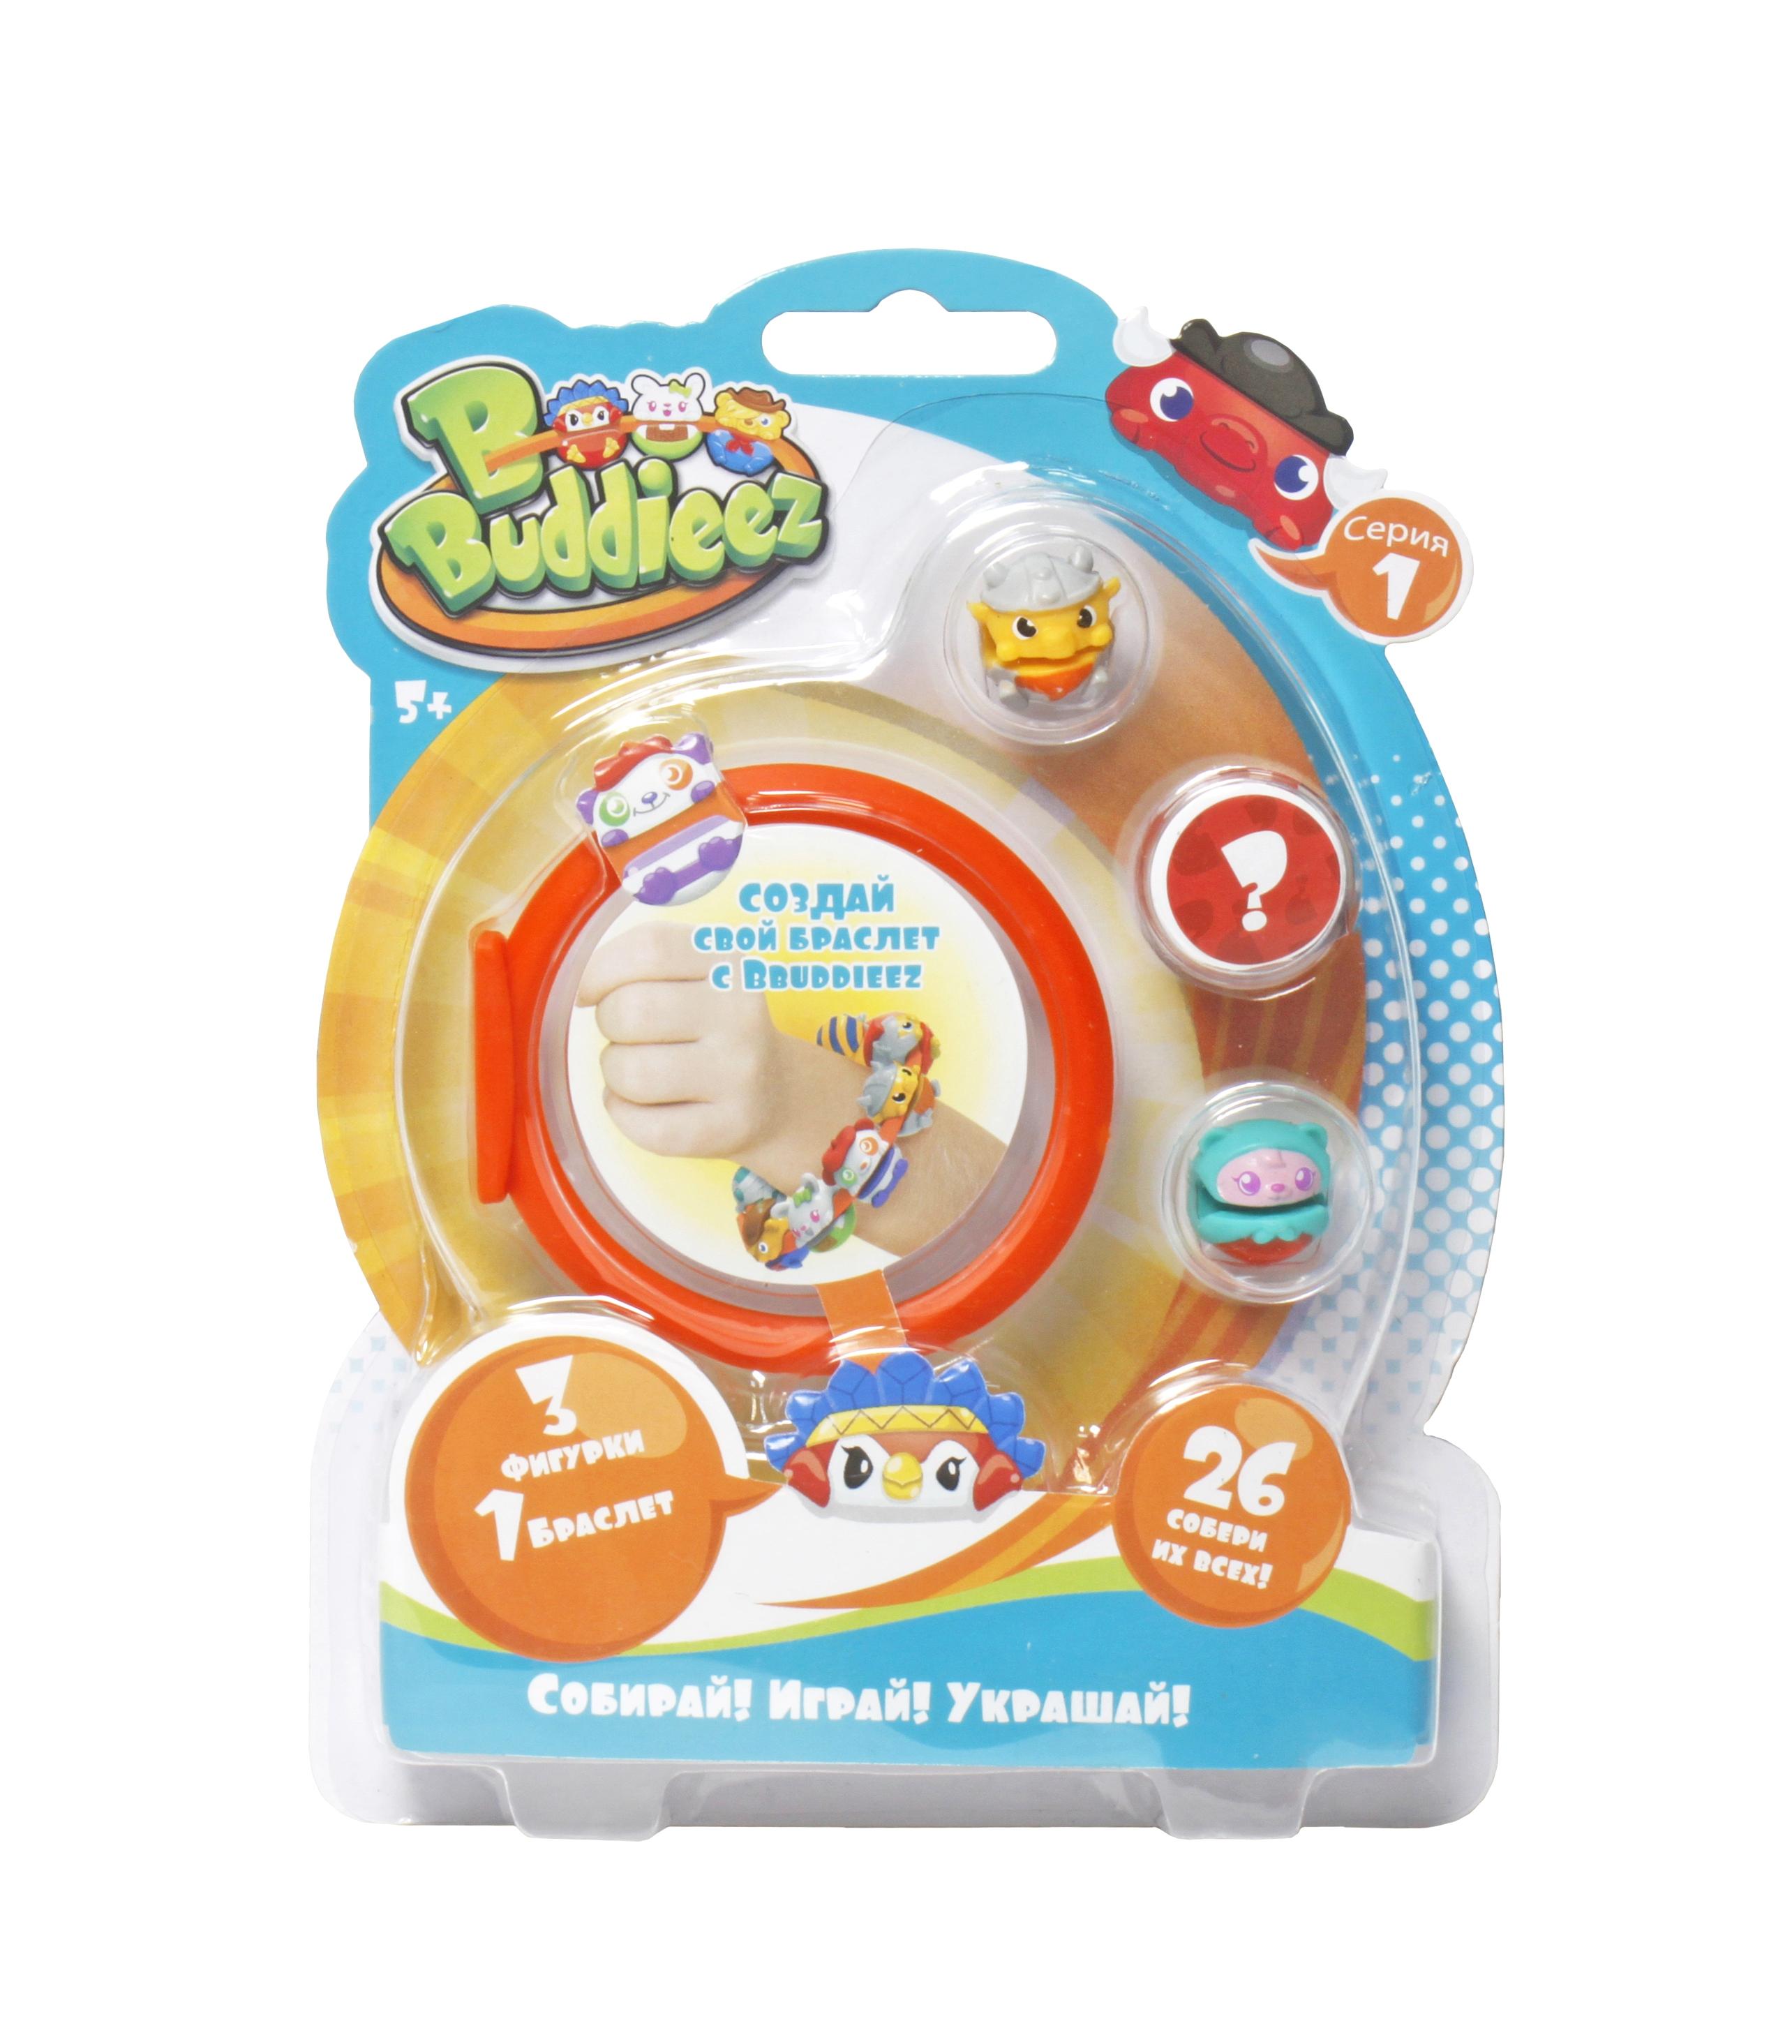 Украшения 1toy с 3 шармами 1toy набор bbuddieez оранжевый домик для хранения с подвеской 3 шарма персонажа 1toy